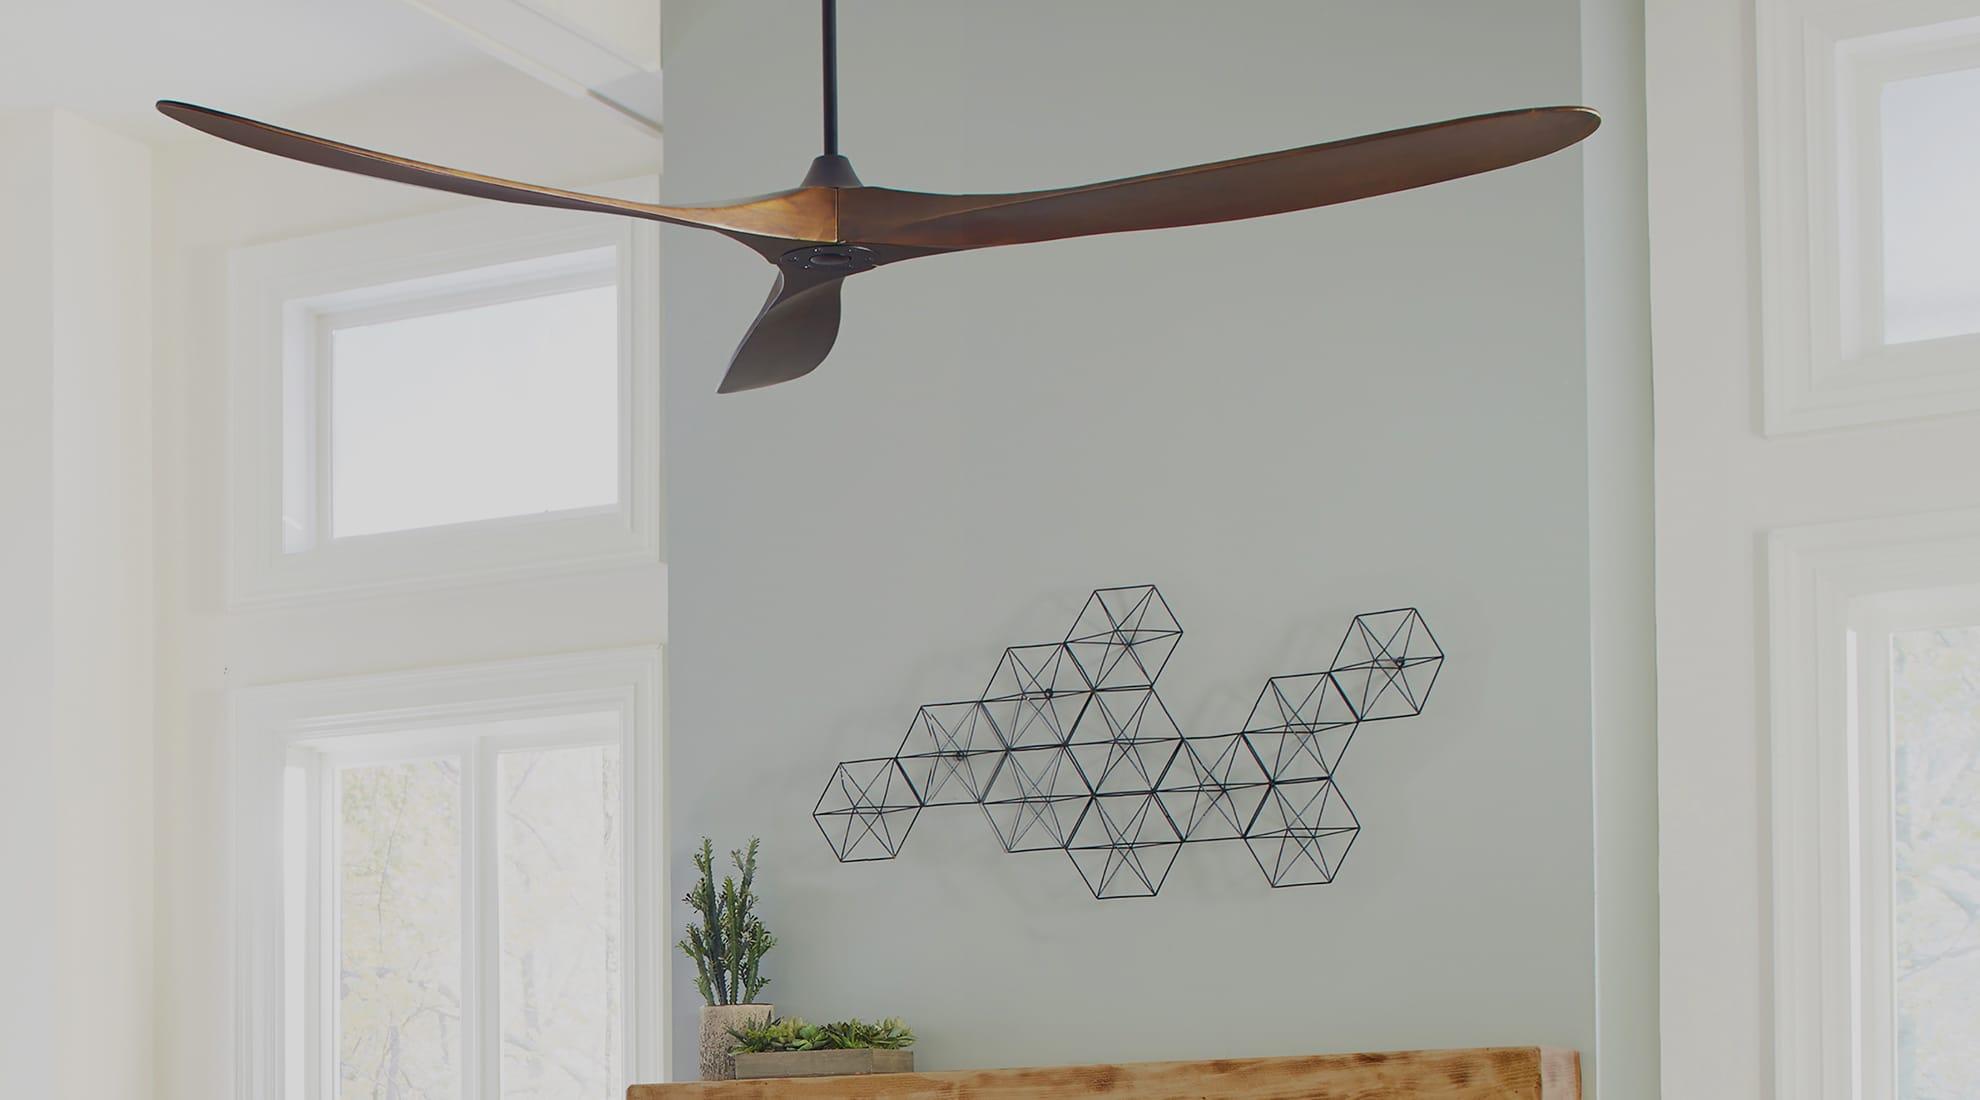 Fullsize Of What Size Ceiling Fan